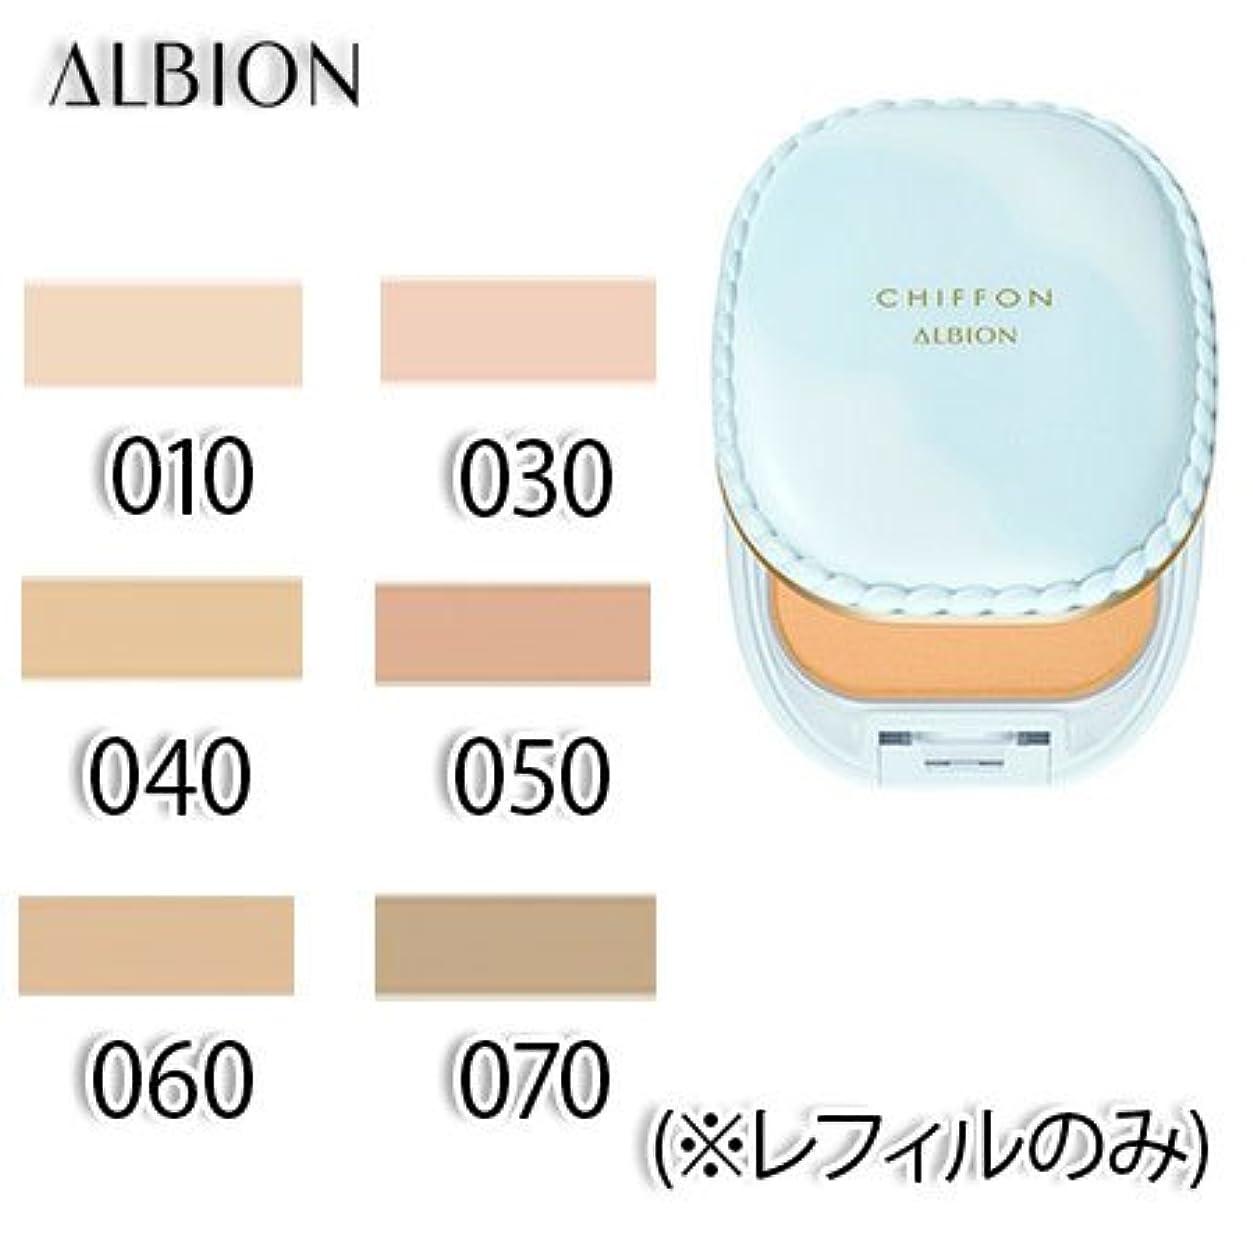 ステンレス悩み良心アルビオン スノー ホワイト シフォン 全6色 SPF25?PA++ 10g (レフィルのみ) -ALBION- 030